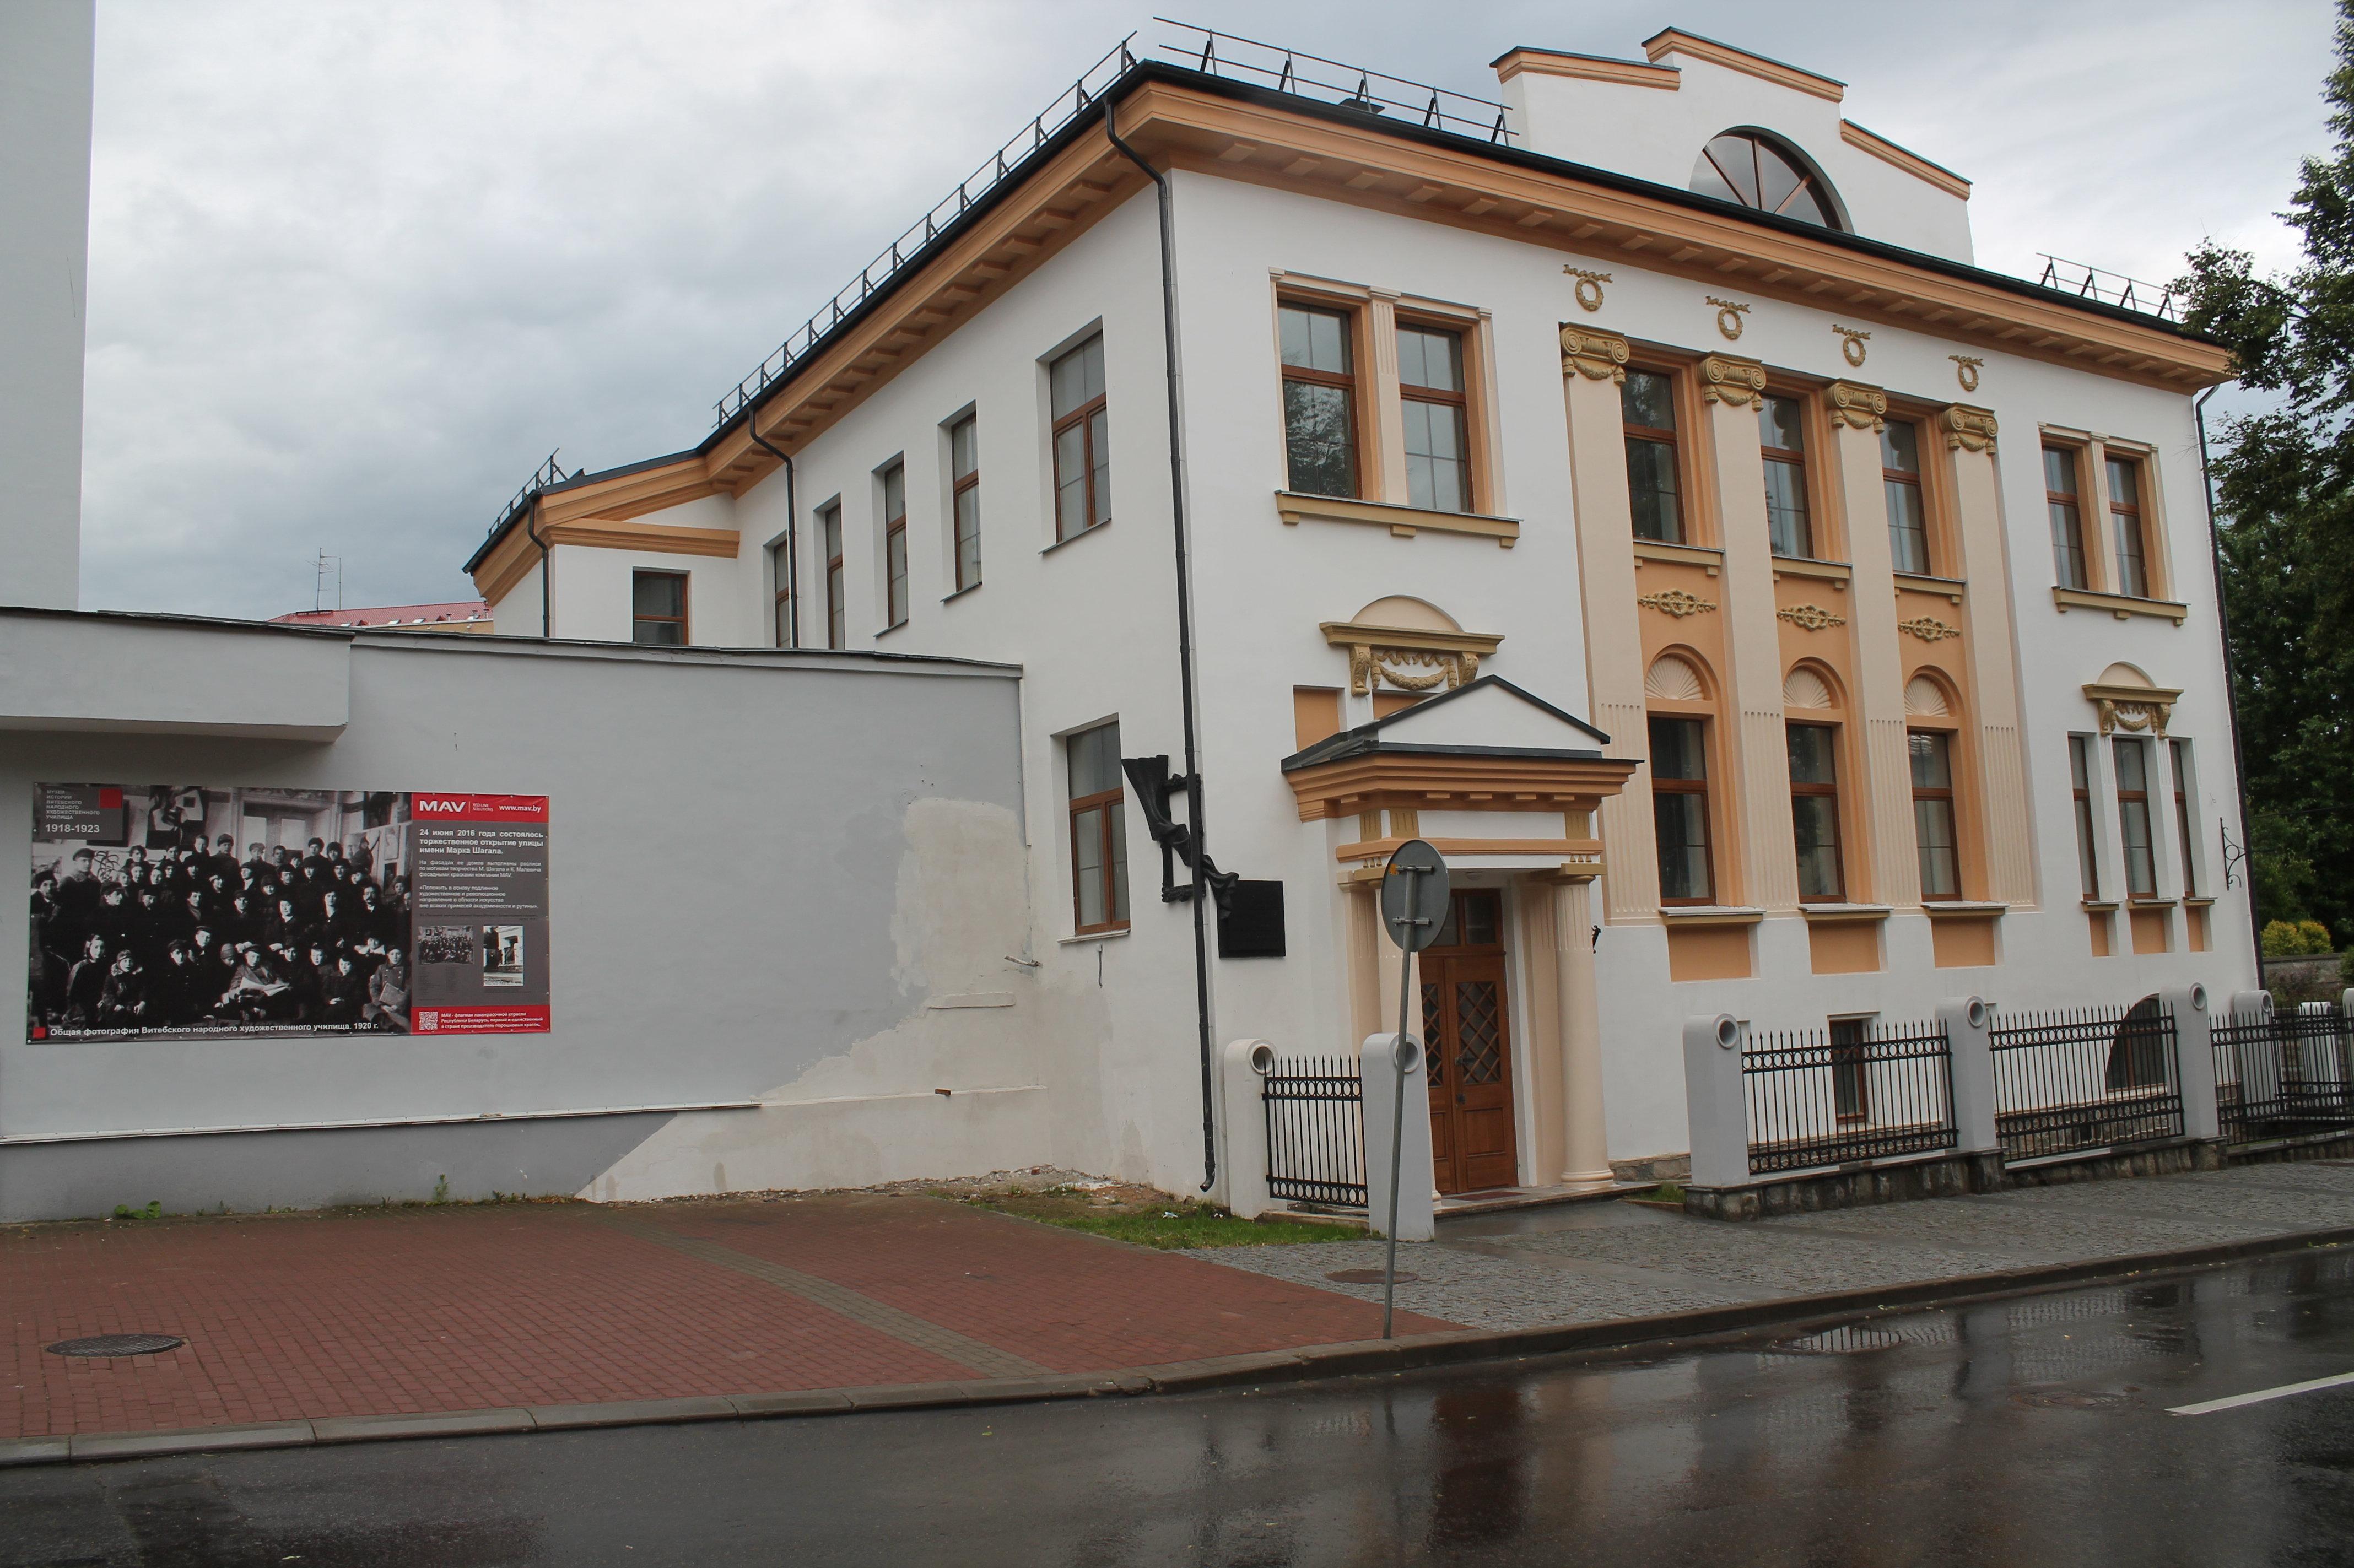 Витебское Народное Художественное училище на улице Шагала пока реставрируют, когда работы окончат, здесь откроют музей Училища